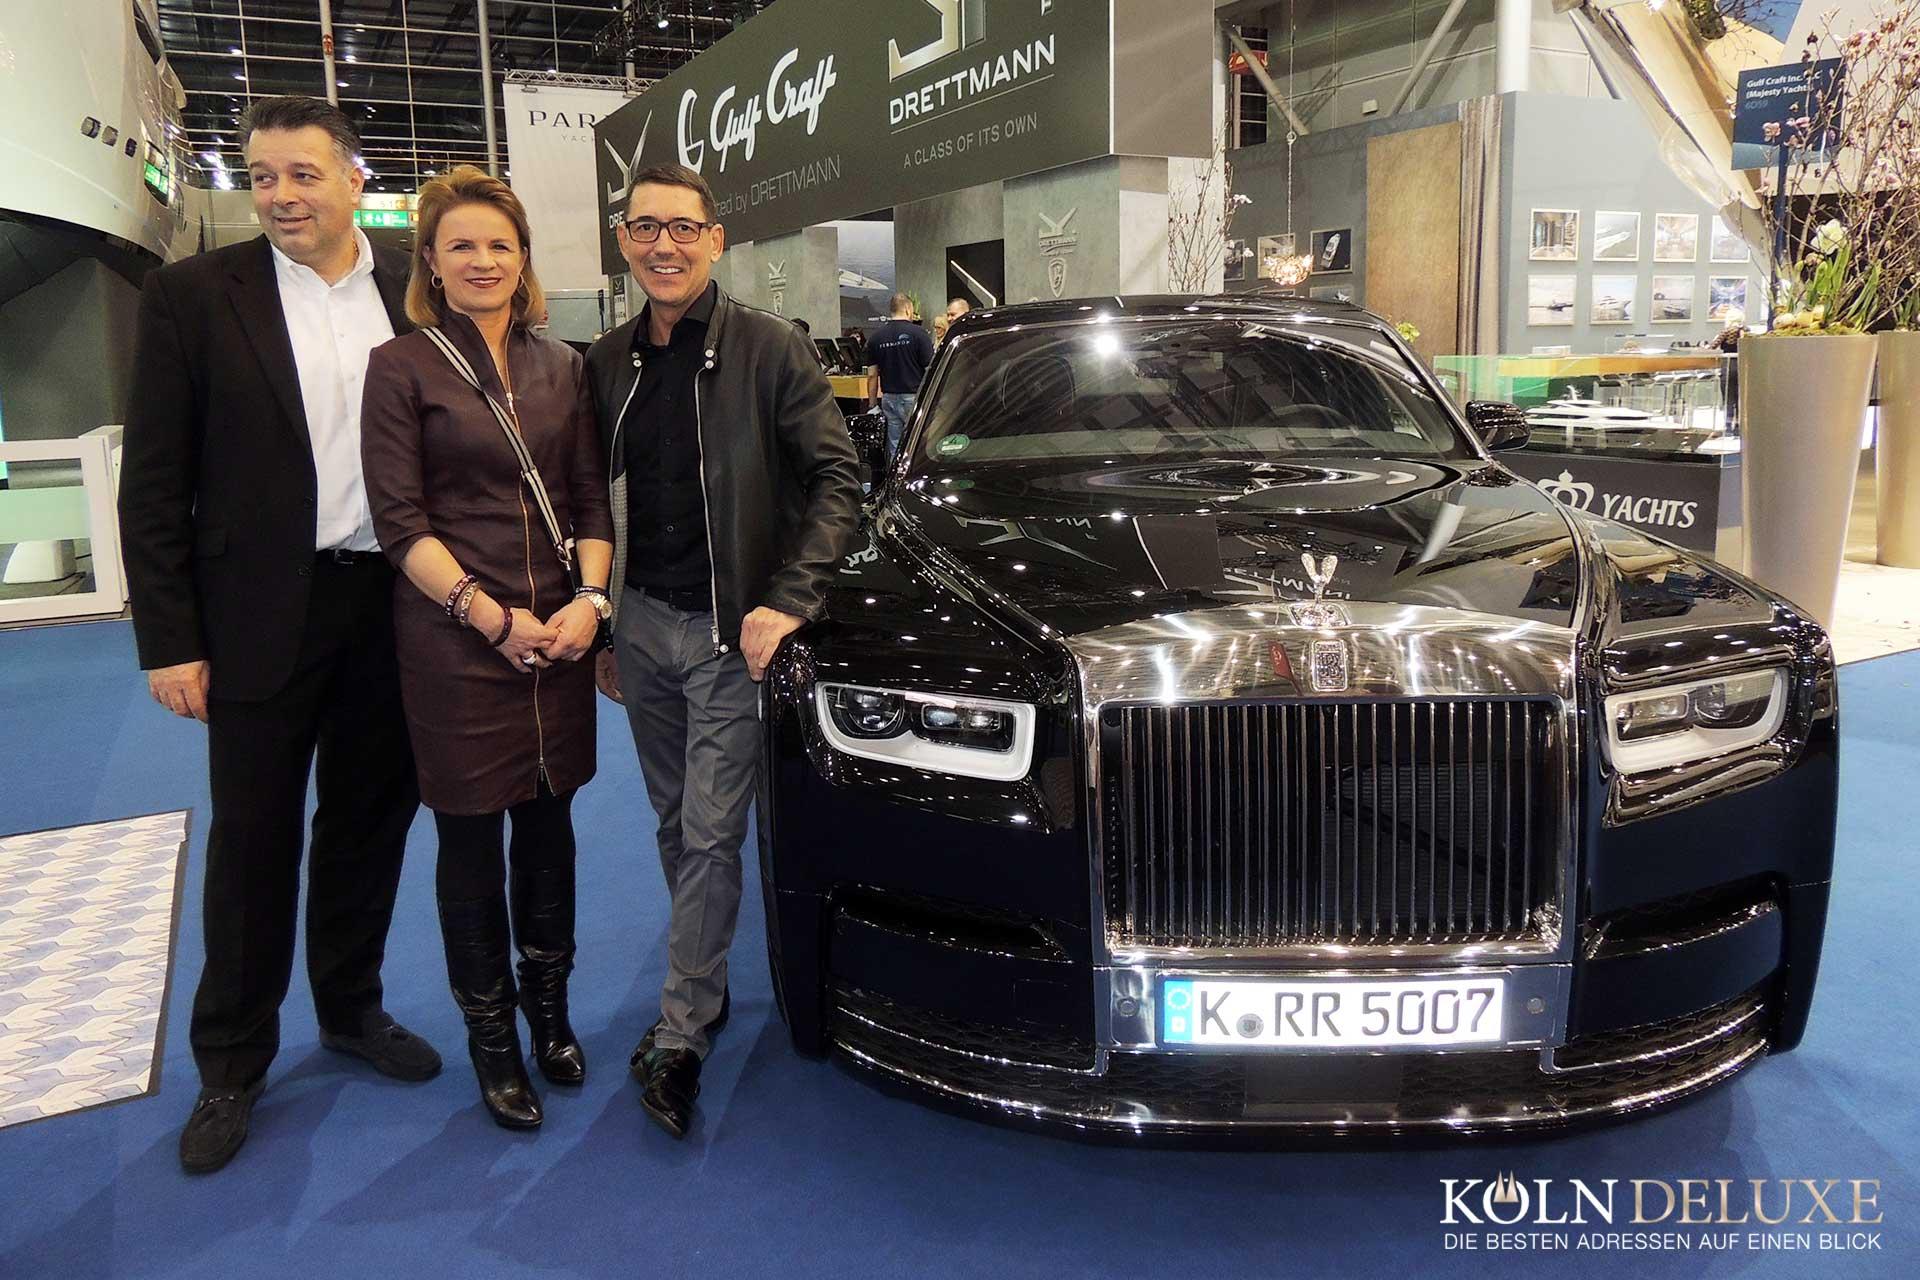 Deutschland-Premiere mit großem Auftritt:  Präsentation des neuen Rolls-Royce Phantom